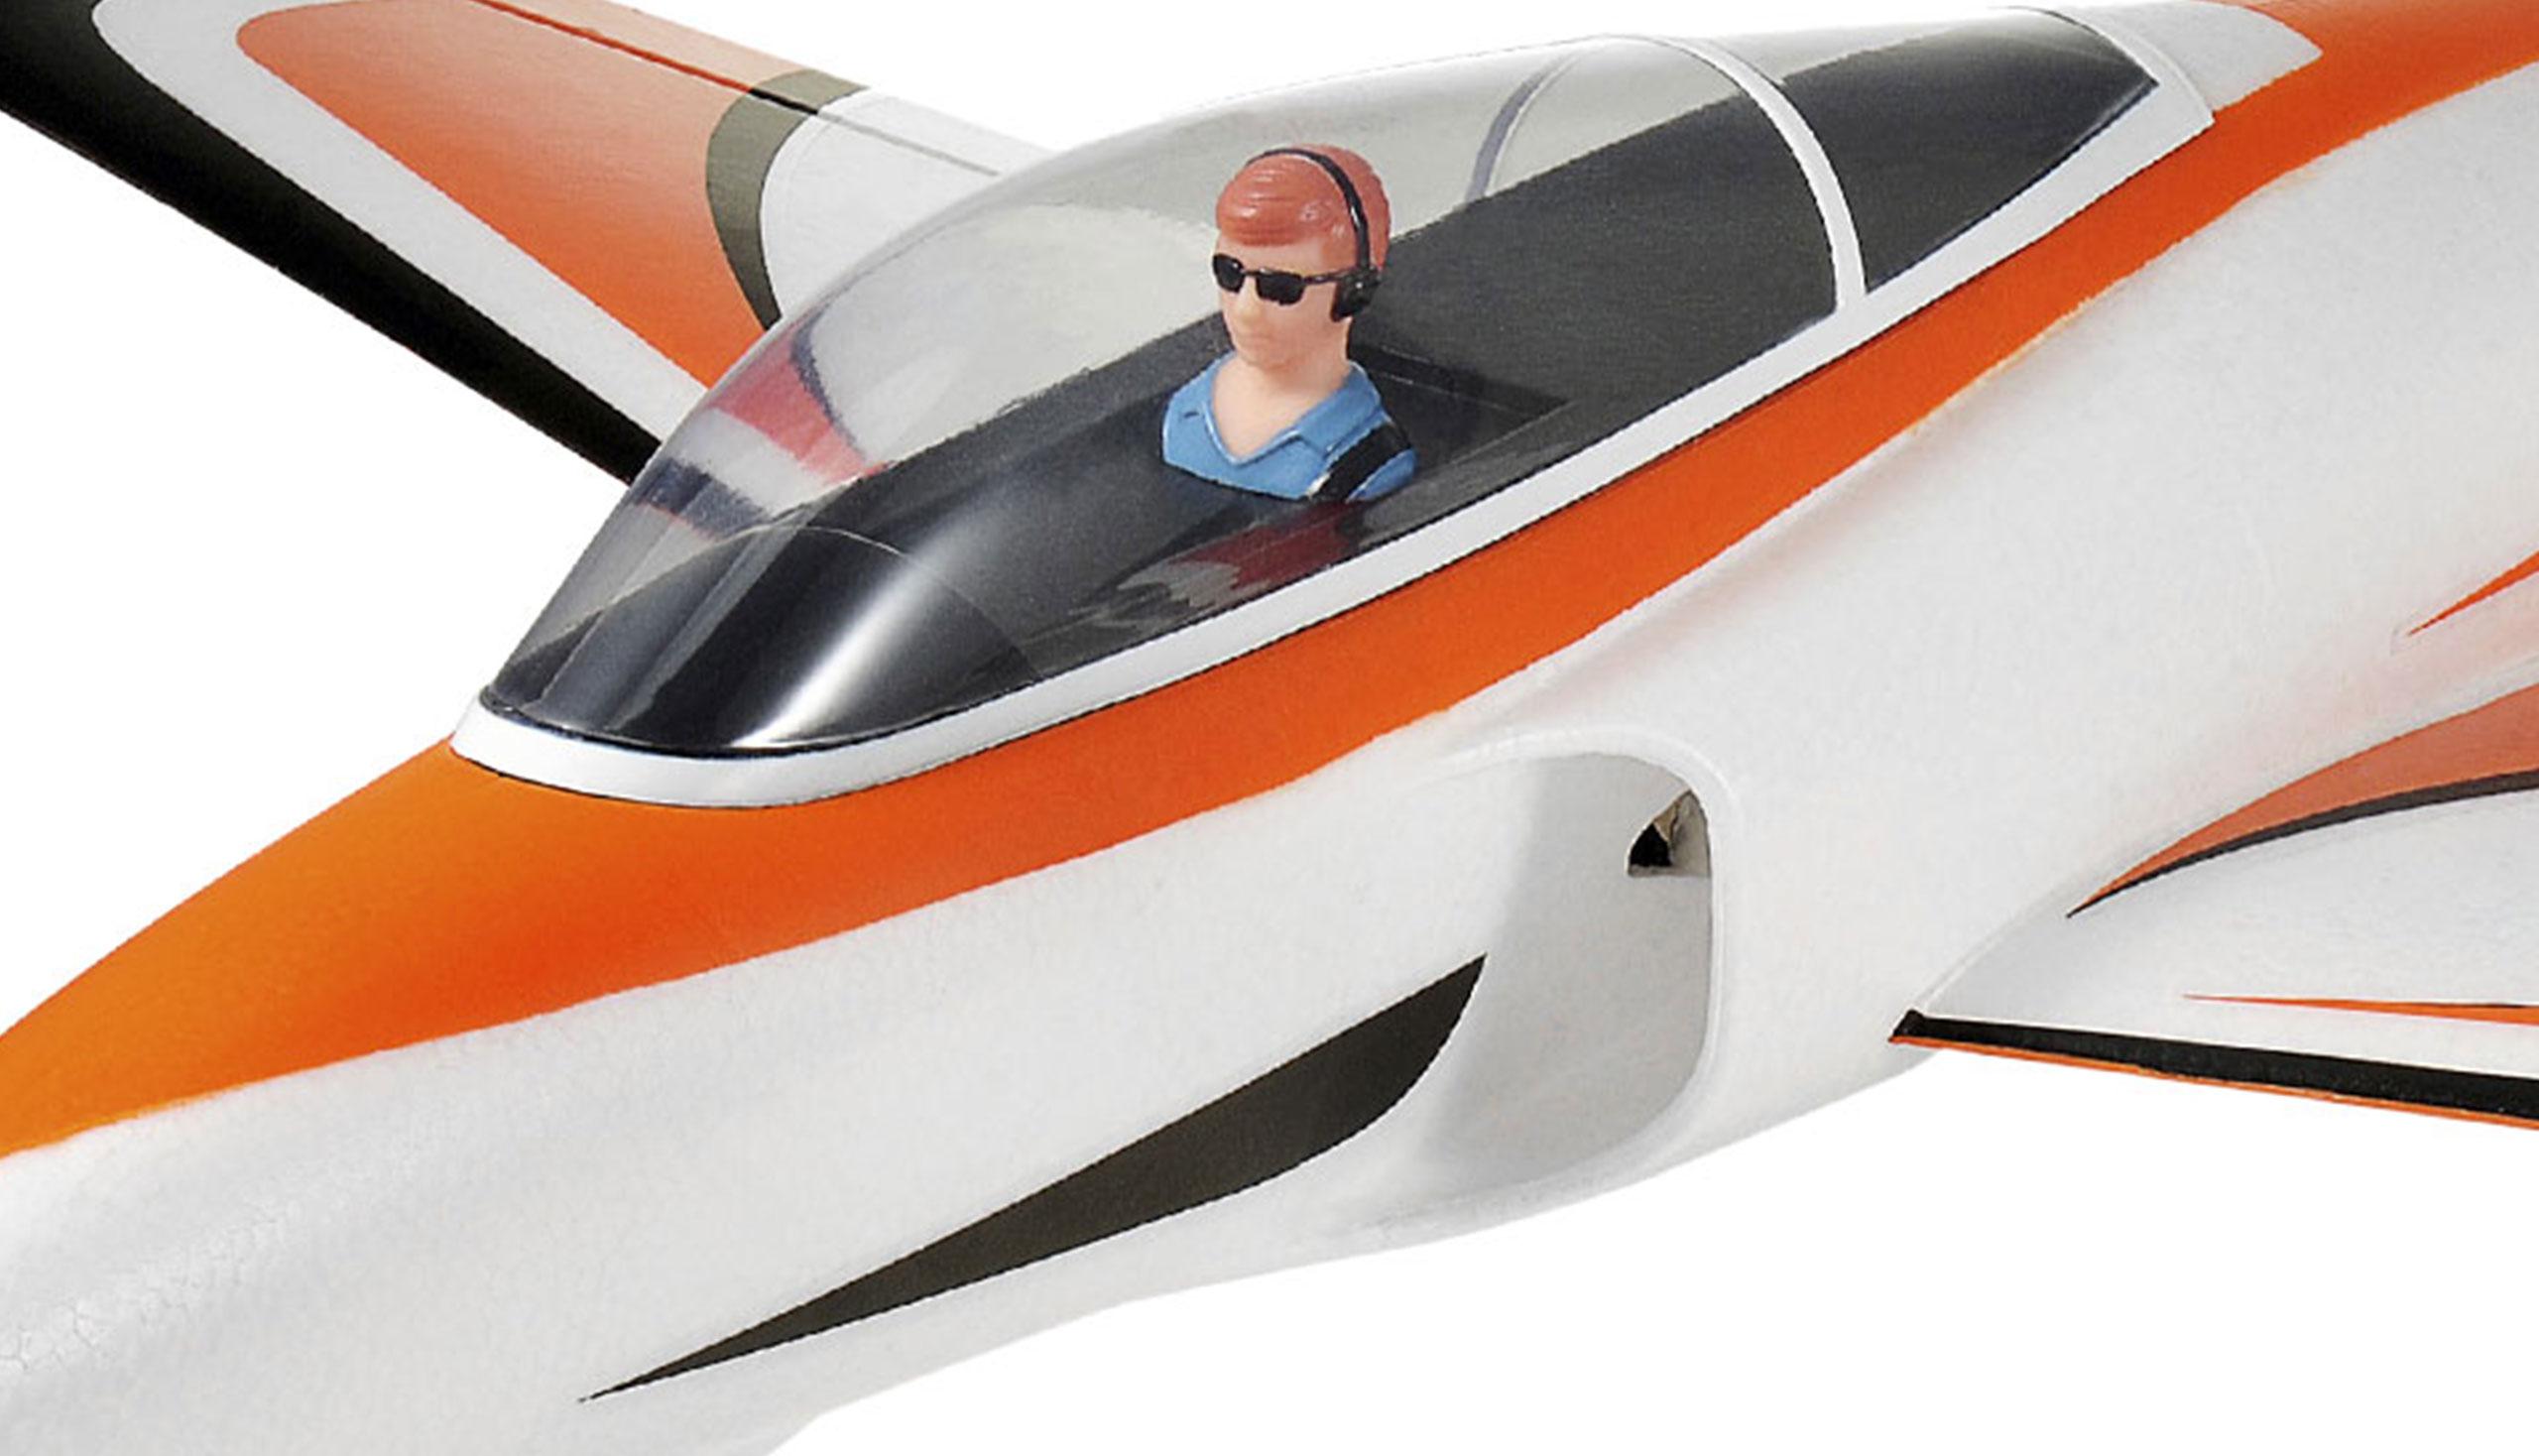 Amewi JetStar V2 - Funkgesteuertes (RC) Kampfflugzeug - Plug-N-Play(PNP) - Schwarz - Orange - Weiß - Elektromotor - Junge - Bürstenlos